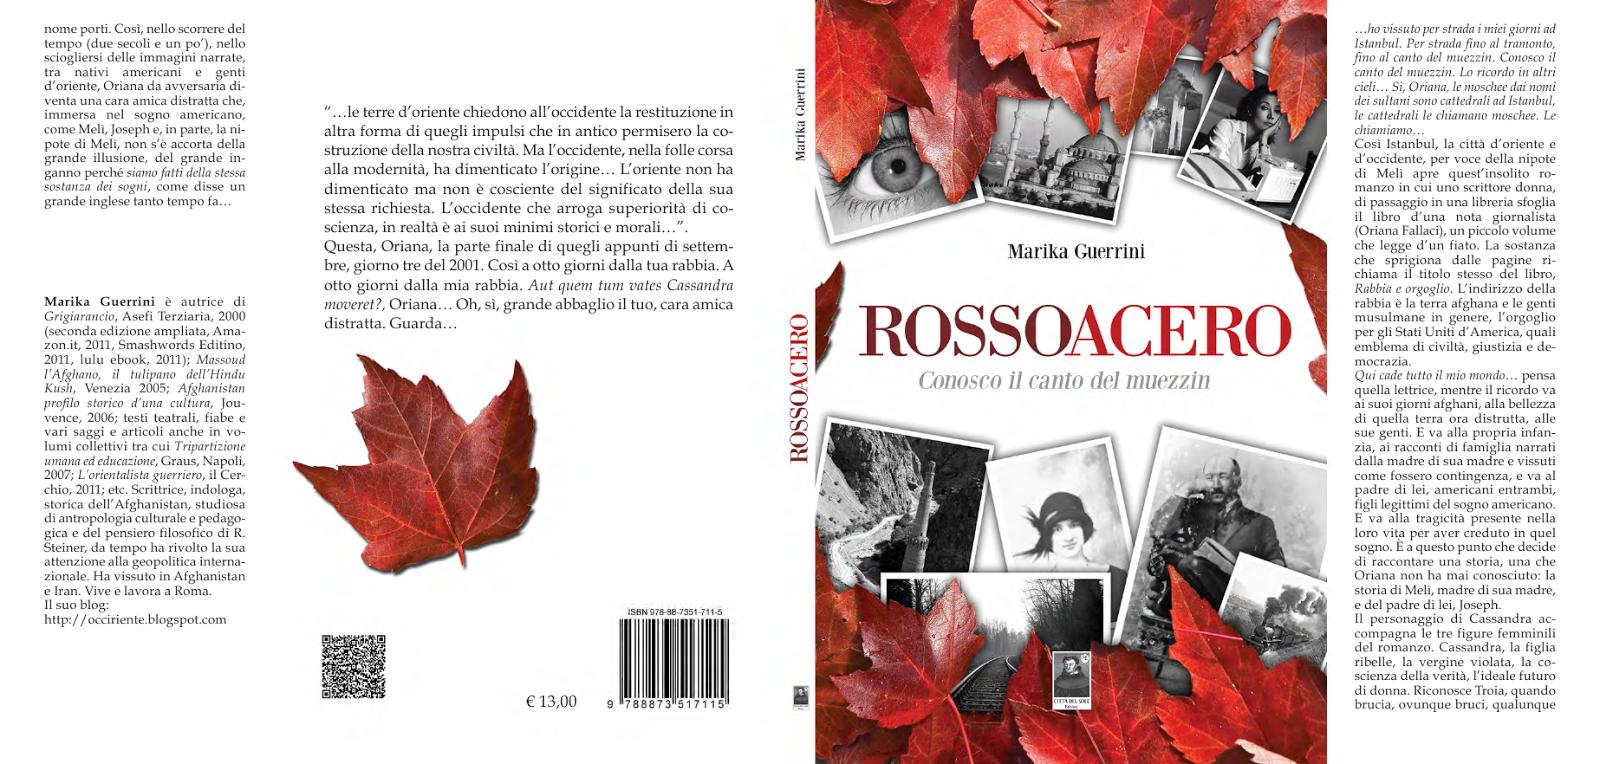 """""""ROSSOACERO. Conosco. il canto... di Marika Guerrini-Recensioni / Le Monde Diplomatique ed altri..."""